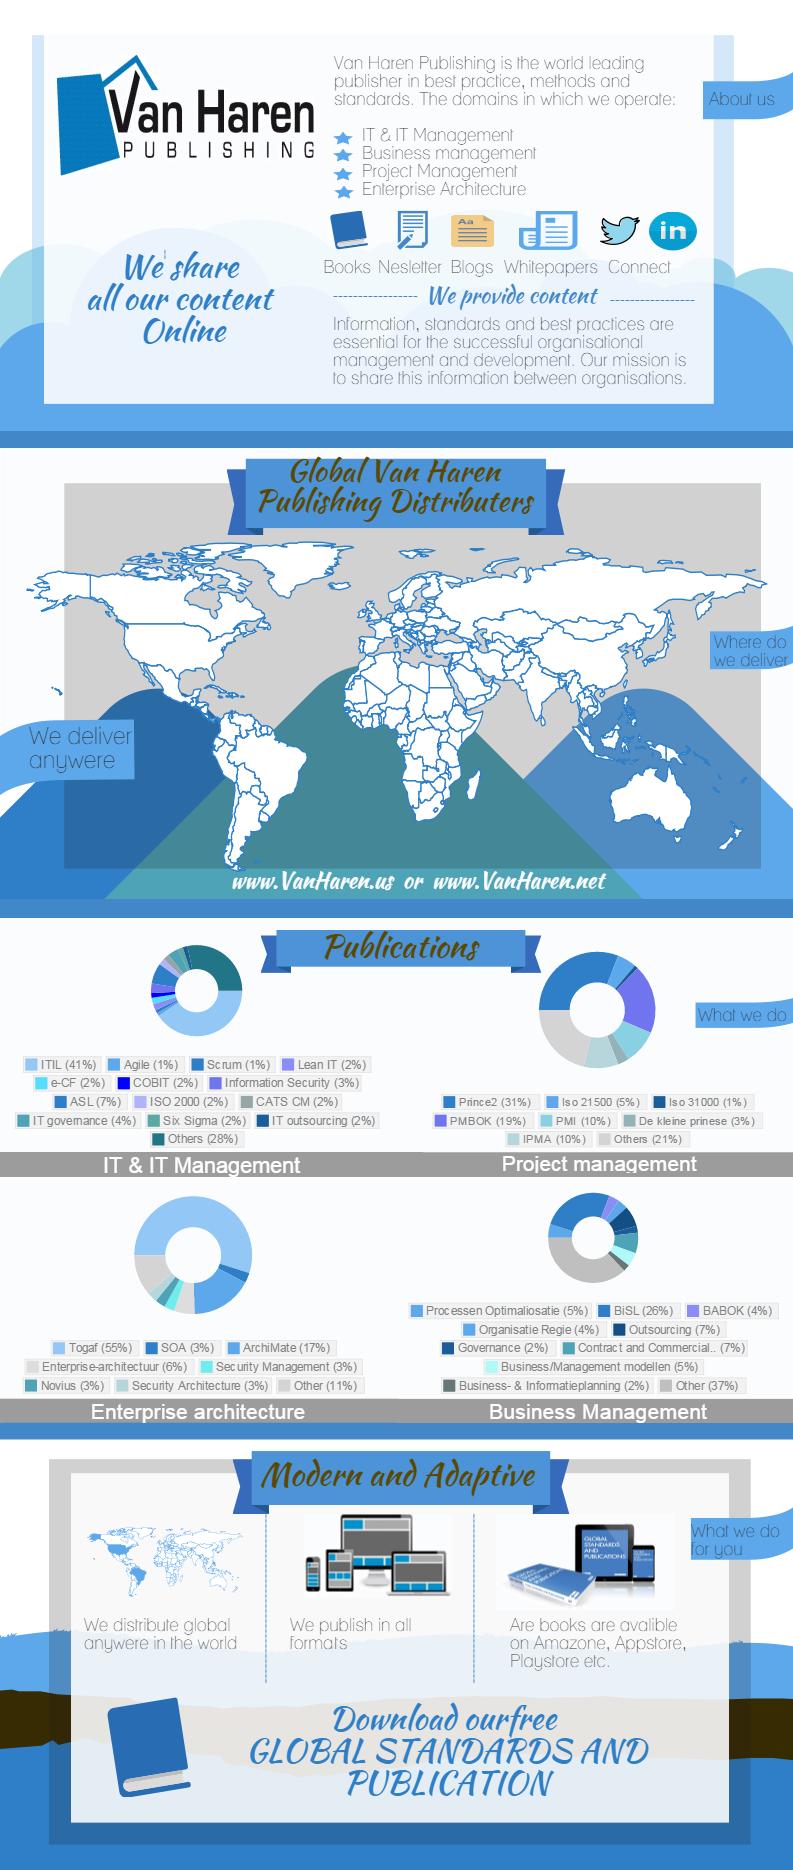 Van-Haren-Pub-Infographic-6